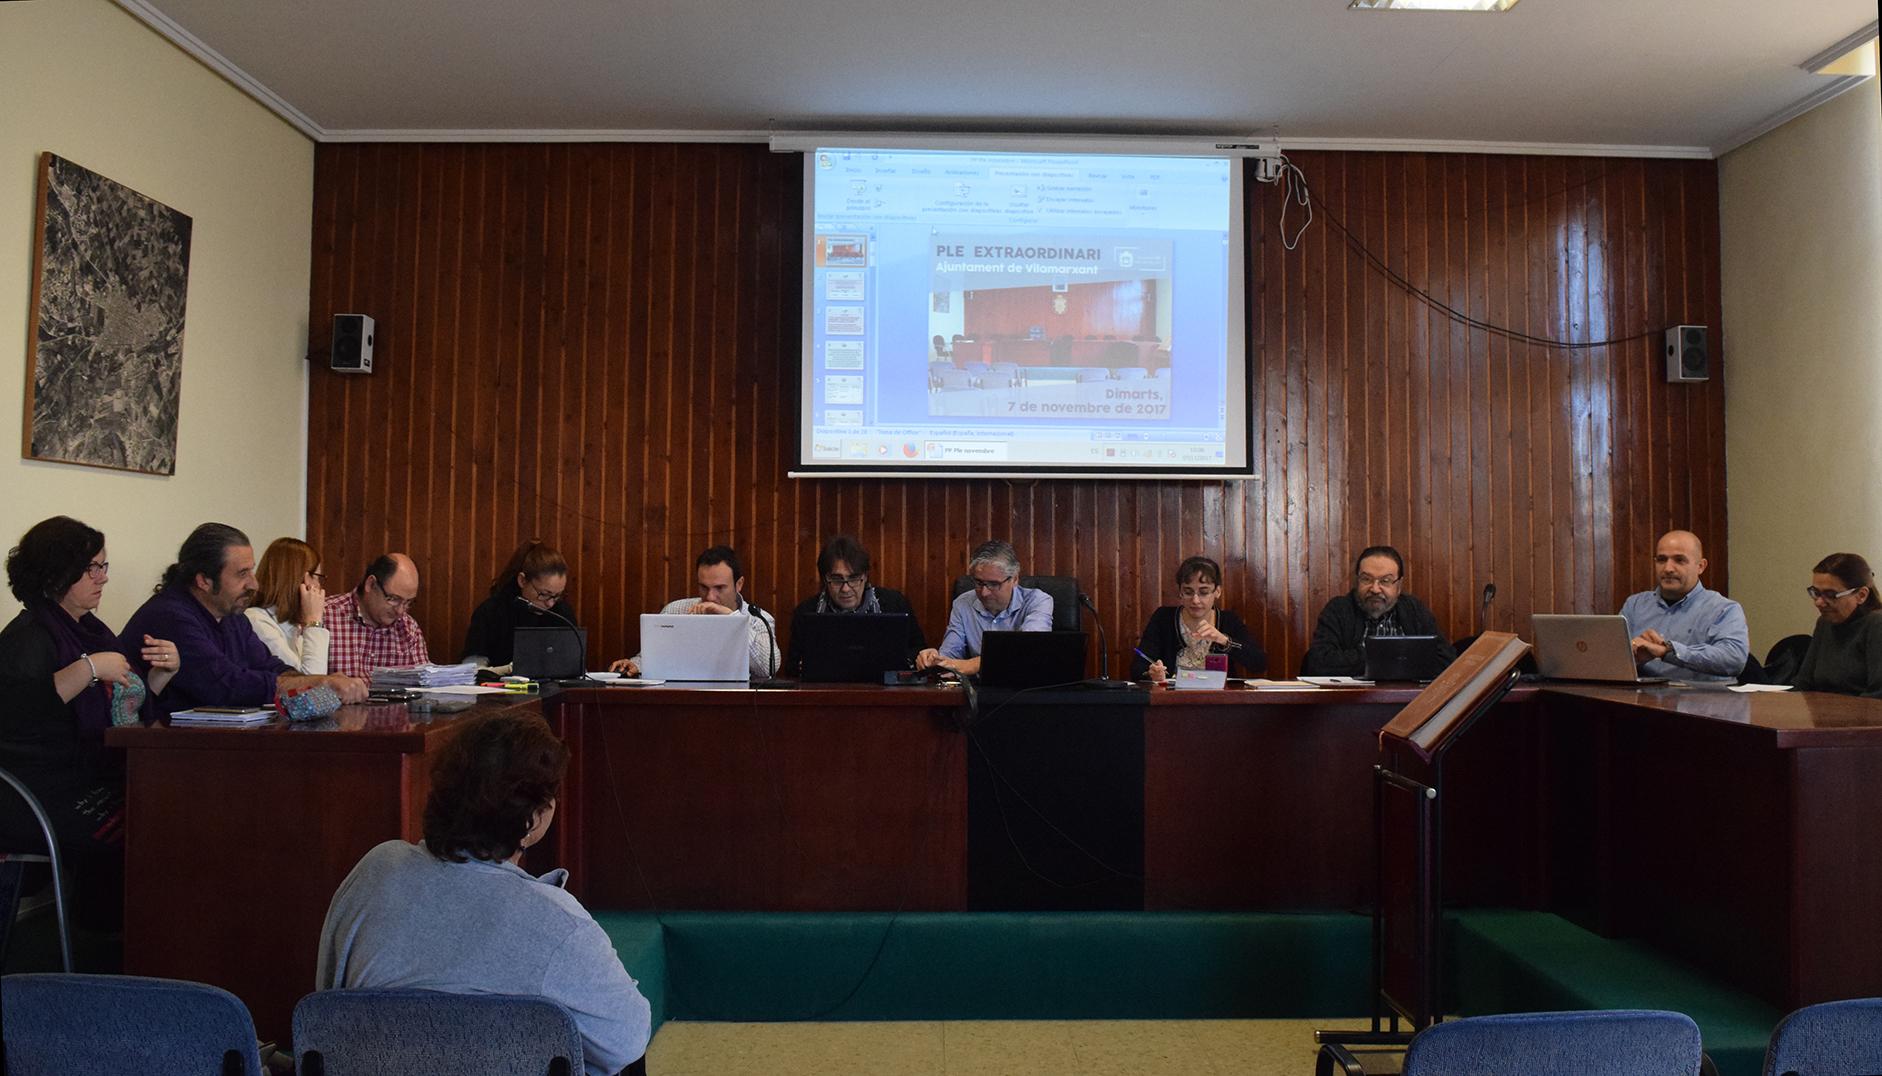 S'ha decidit, per unanimitat, en el ple extraordinari de l'Ajuntament de Vilamarxant que s'ha celebrat este matí. Les modificacions entraran en vigor en gener de 2018.